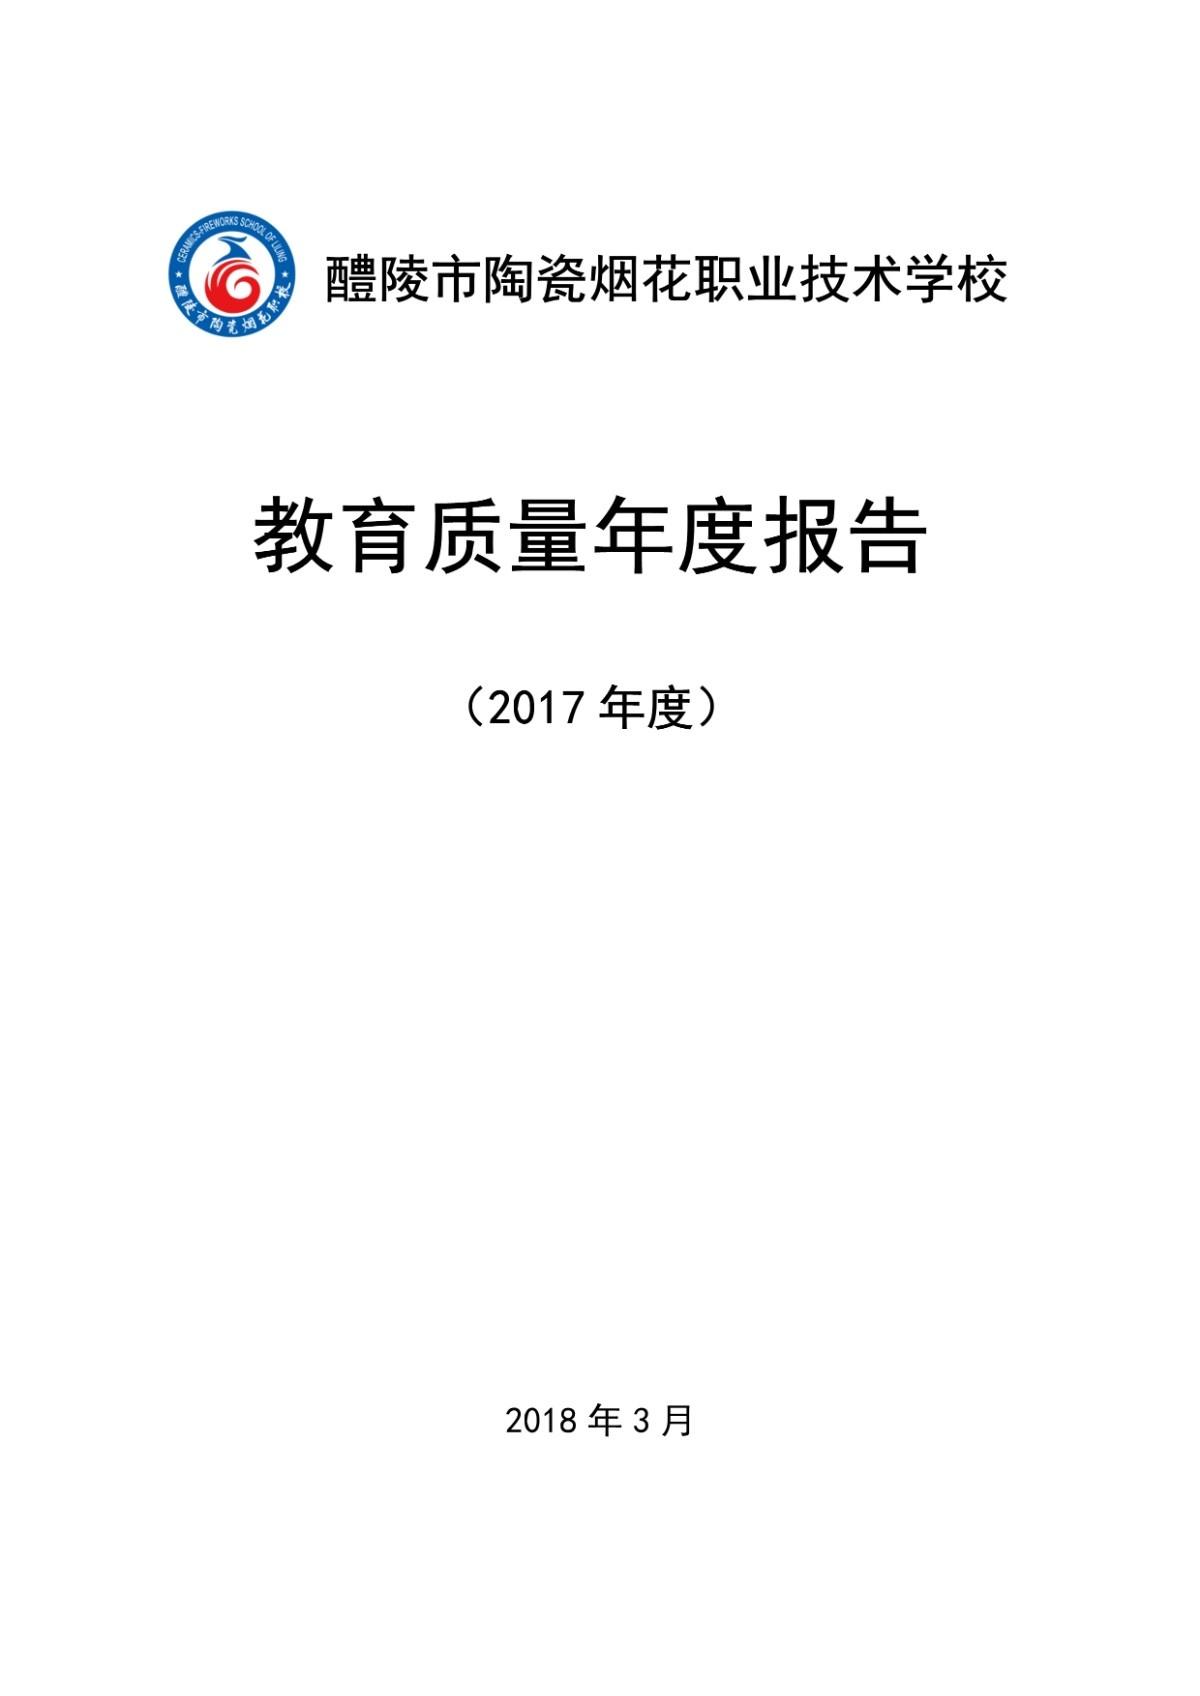 040719134877_02017年度学校年度质量报告28正式稿29_1.Jpeg